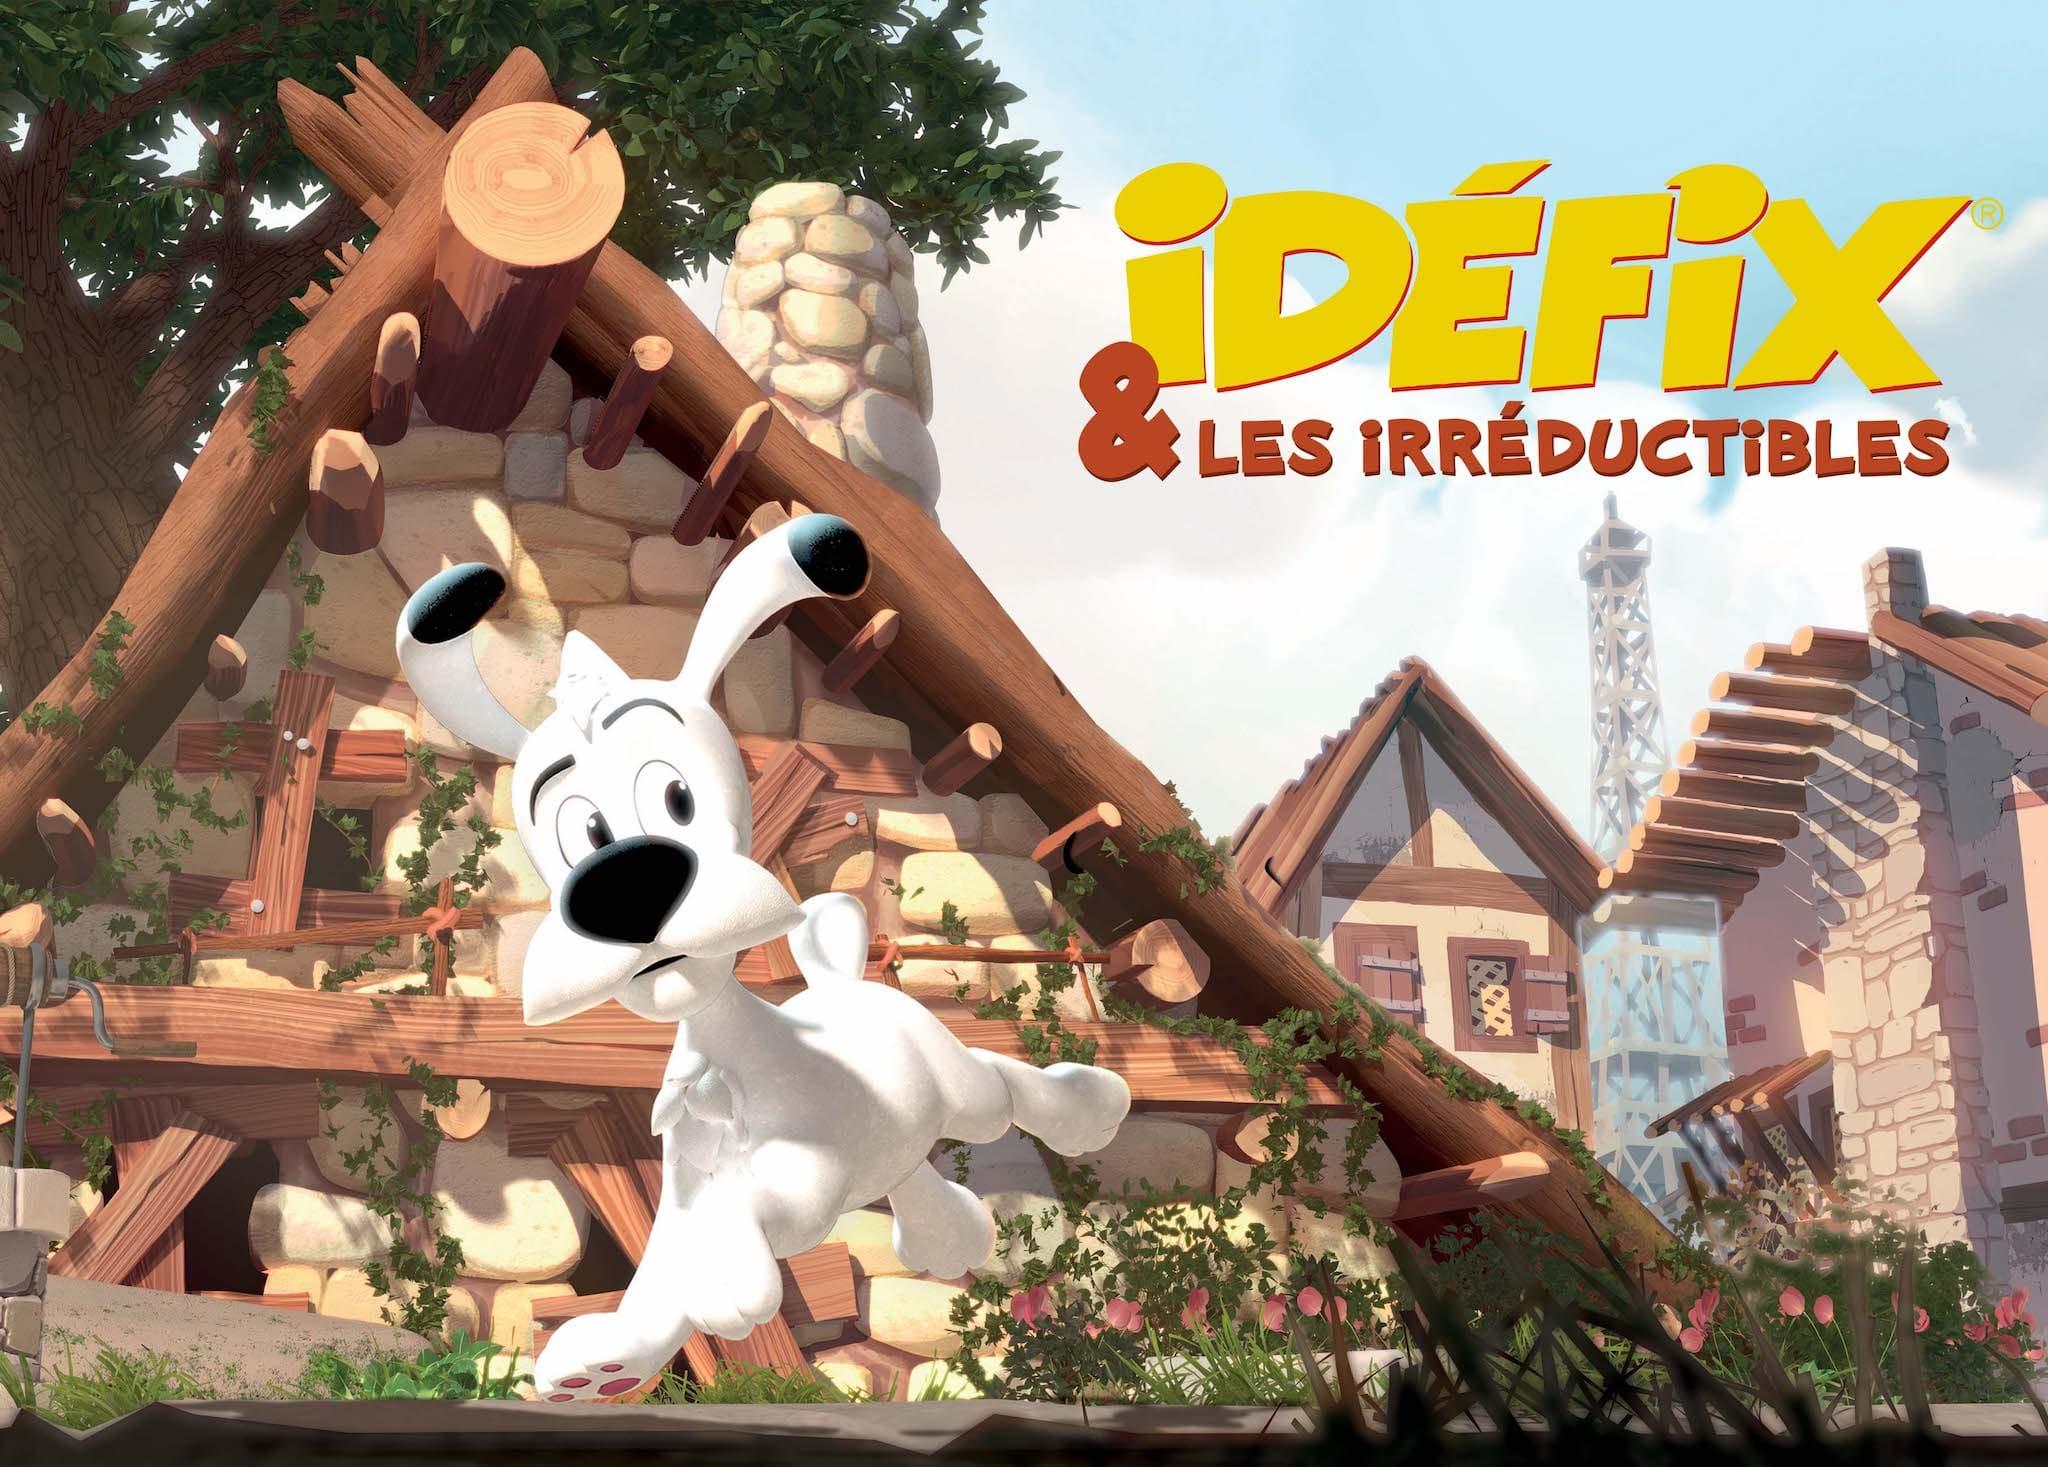 Idéfix et les irréductibles keyart animation